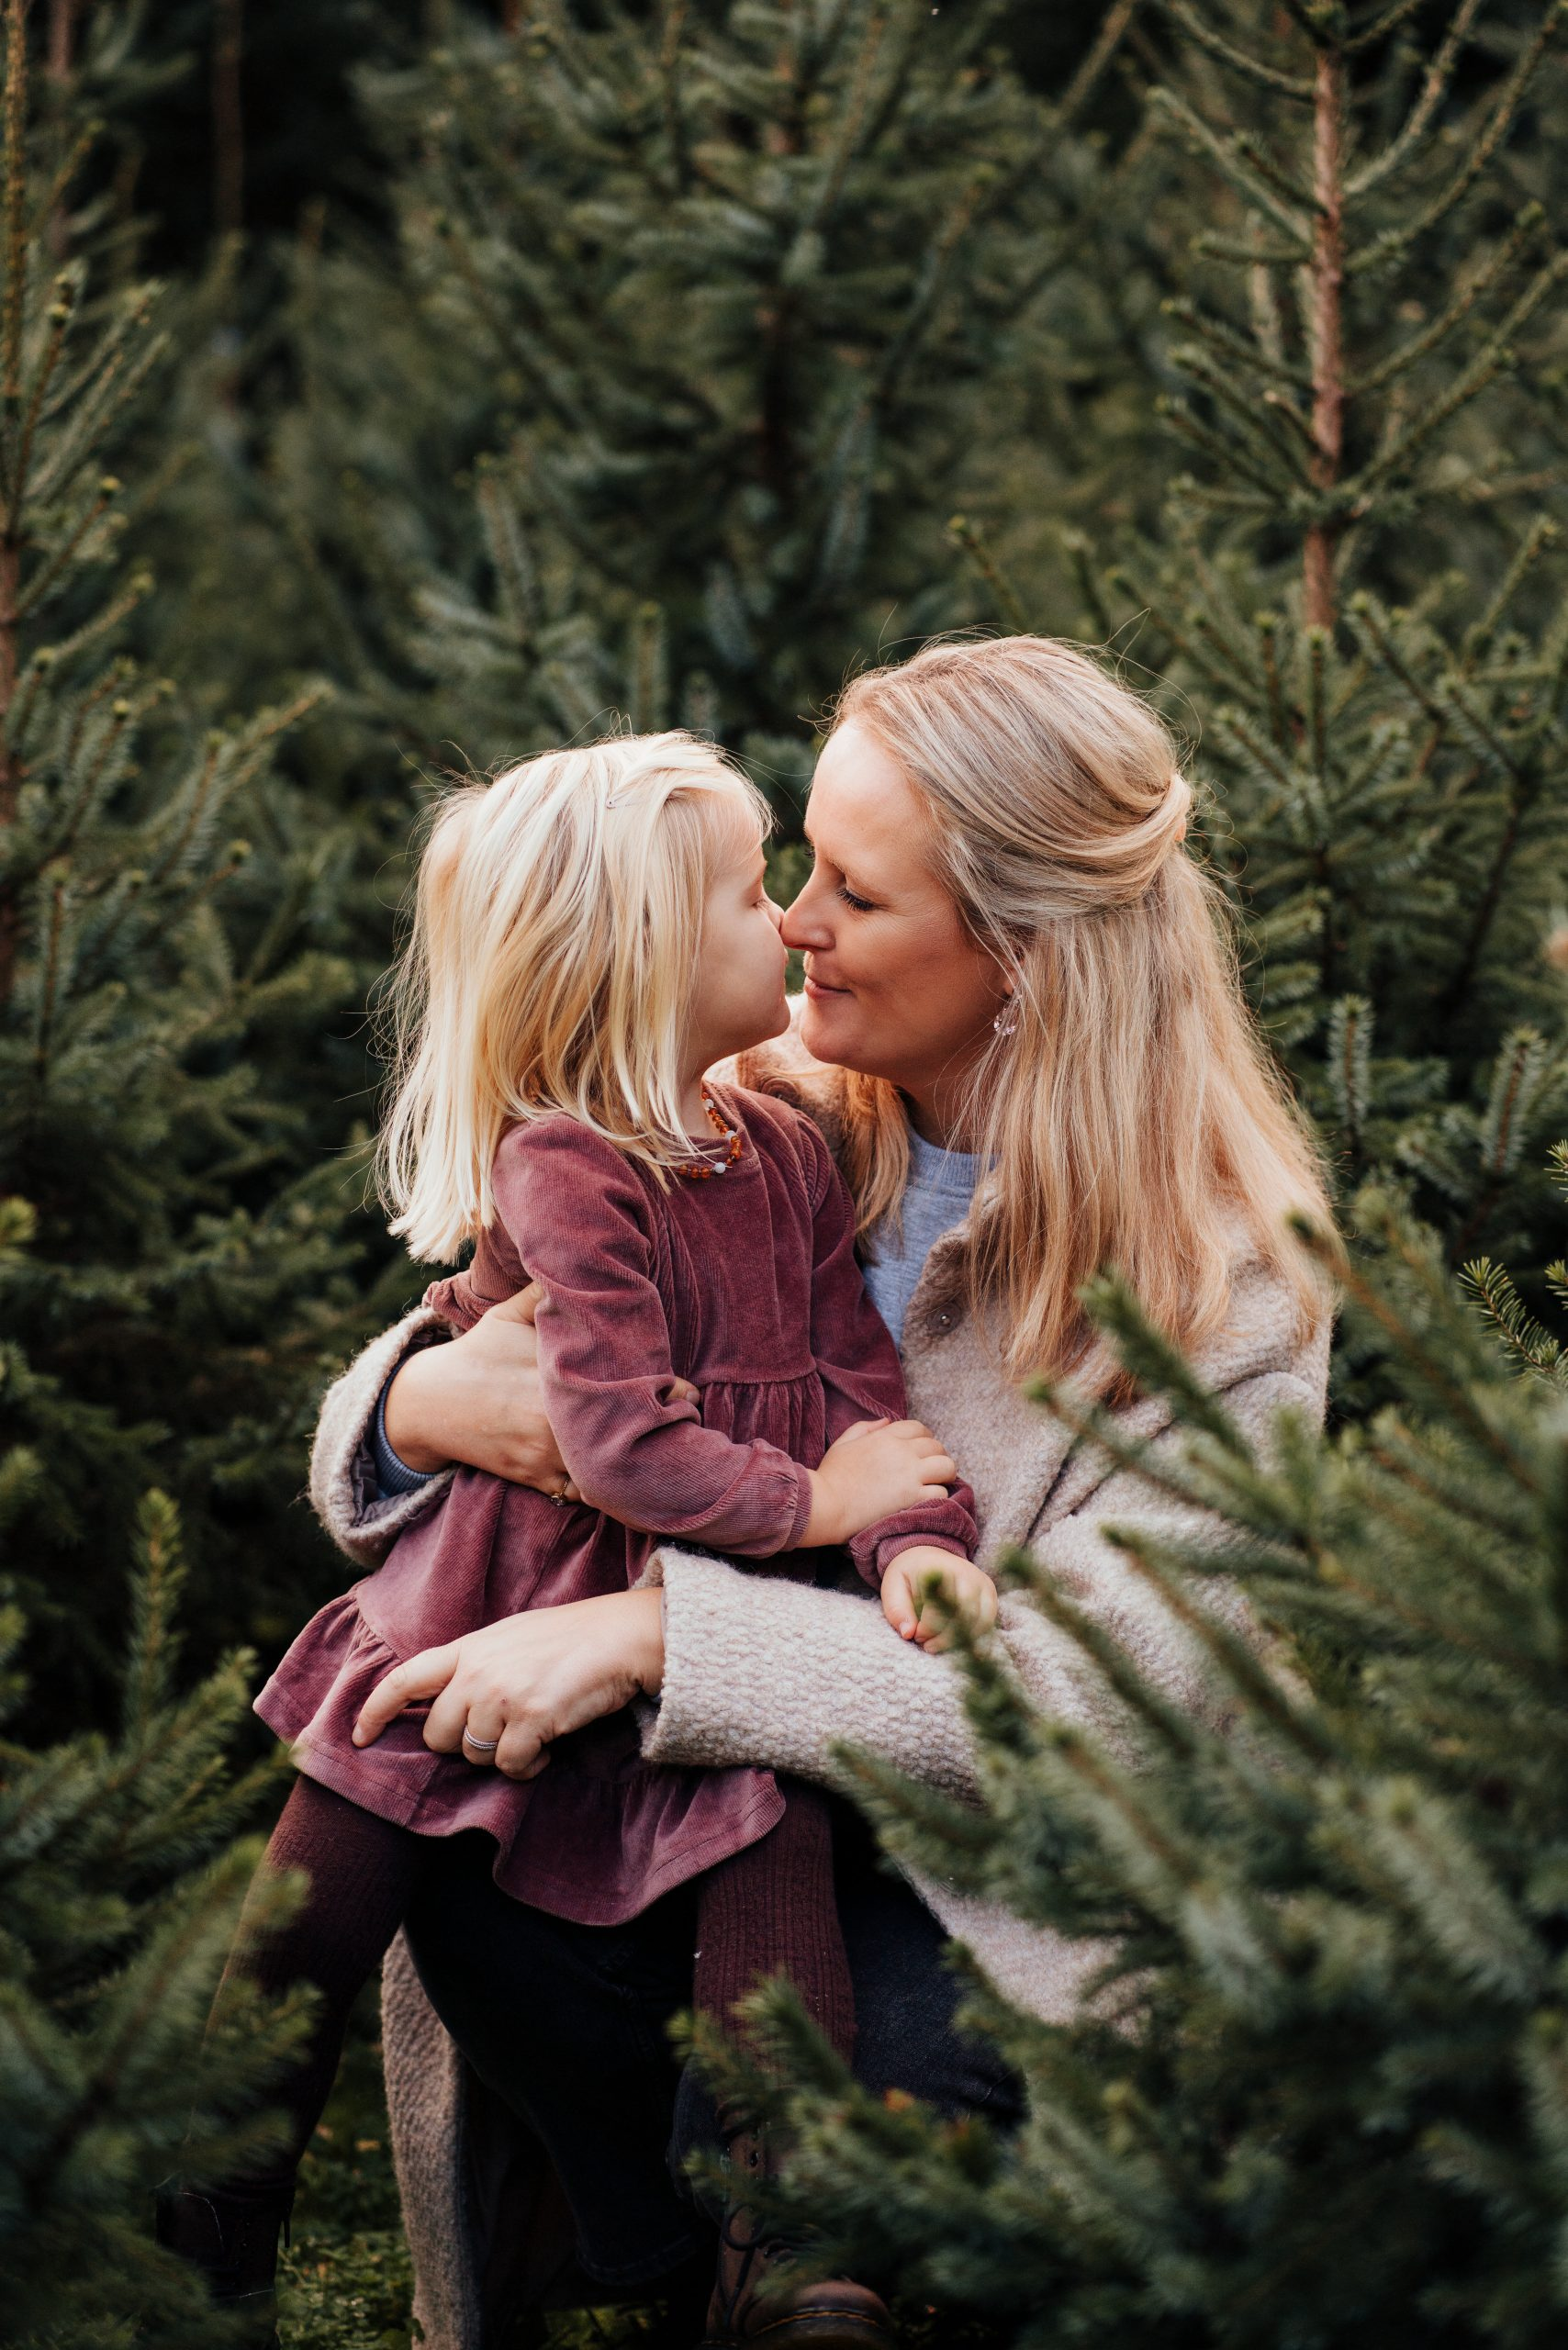 kerstbomen fotoshoot moeder dochter